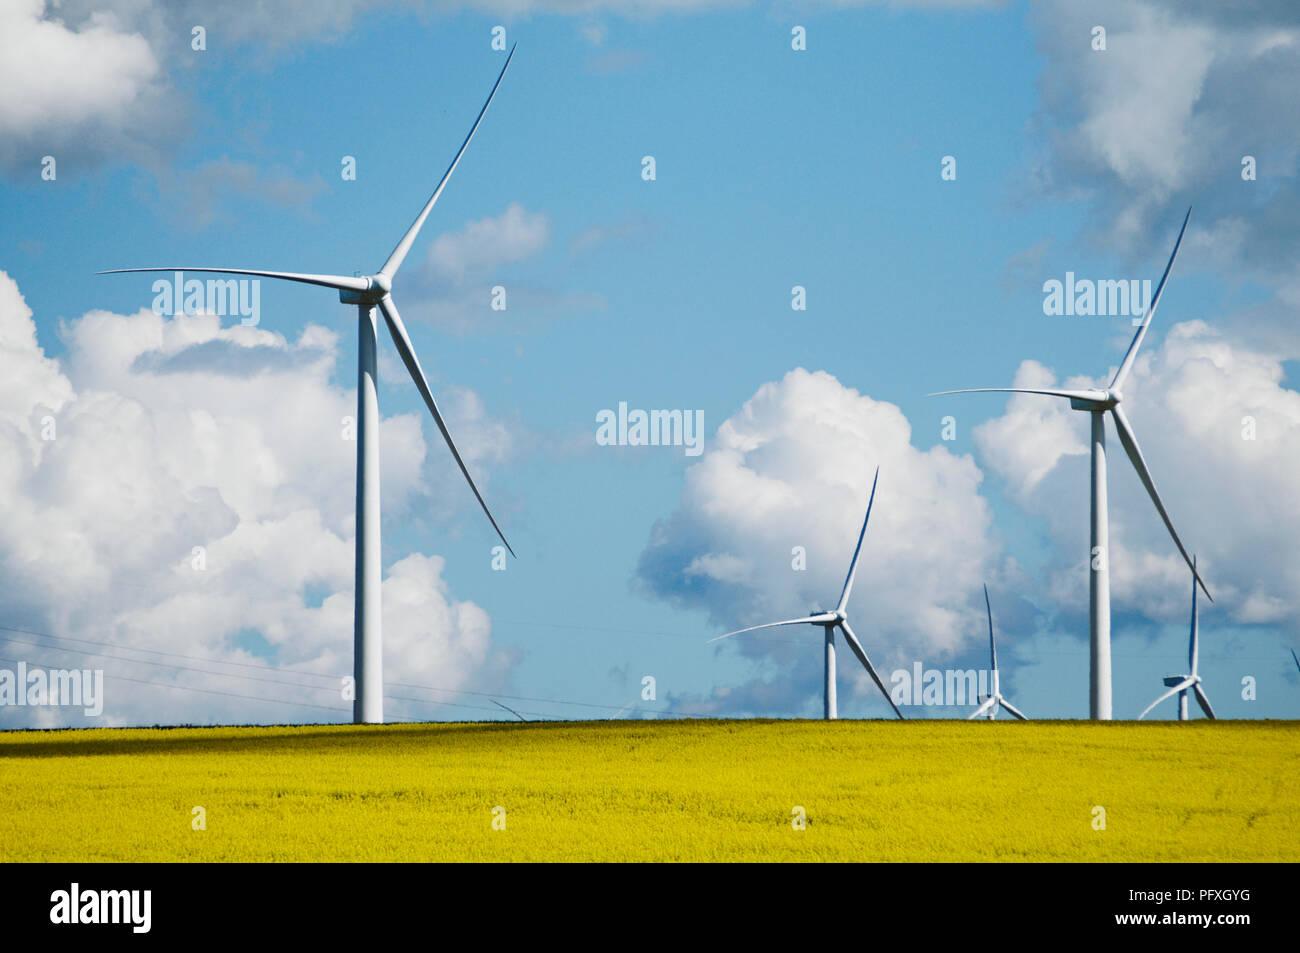 Il piazzale di stoccaggio Hill Wind Farm è un progetto di energia eolica si trova 35 km a ovest di Ballarat in Victoria's highlands centrali, noto come i Pirenei, Australia Immagini Stock